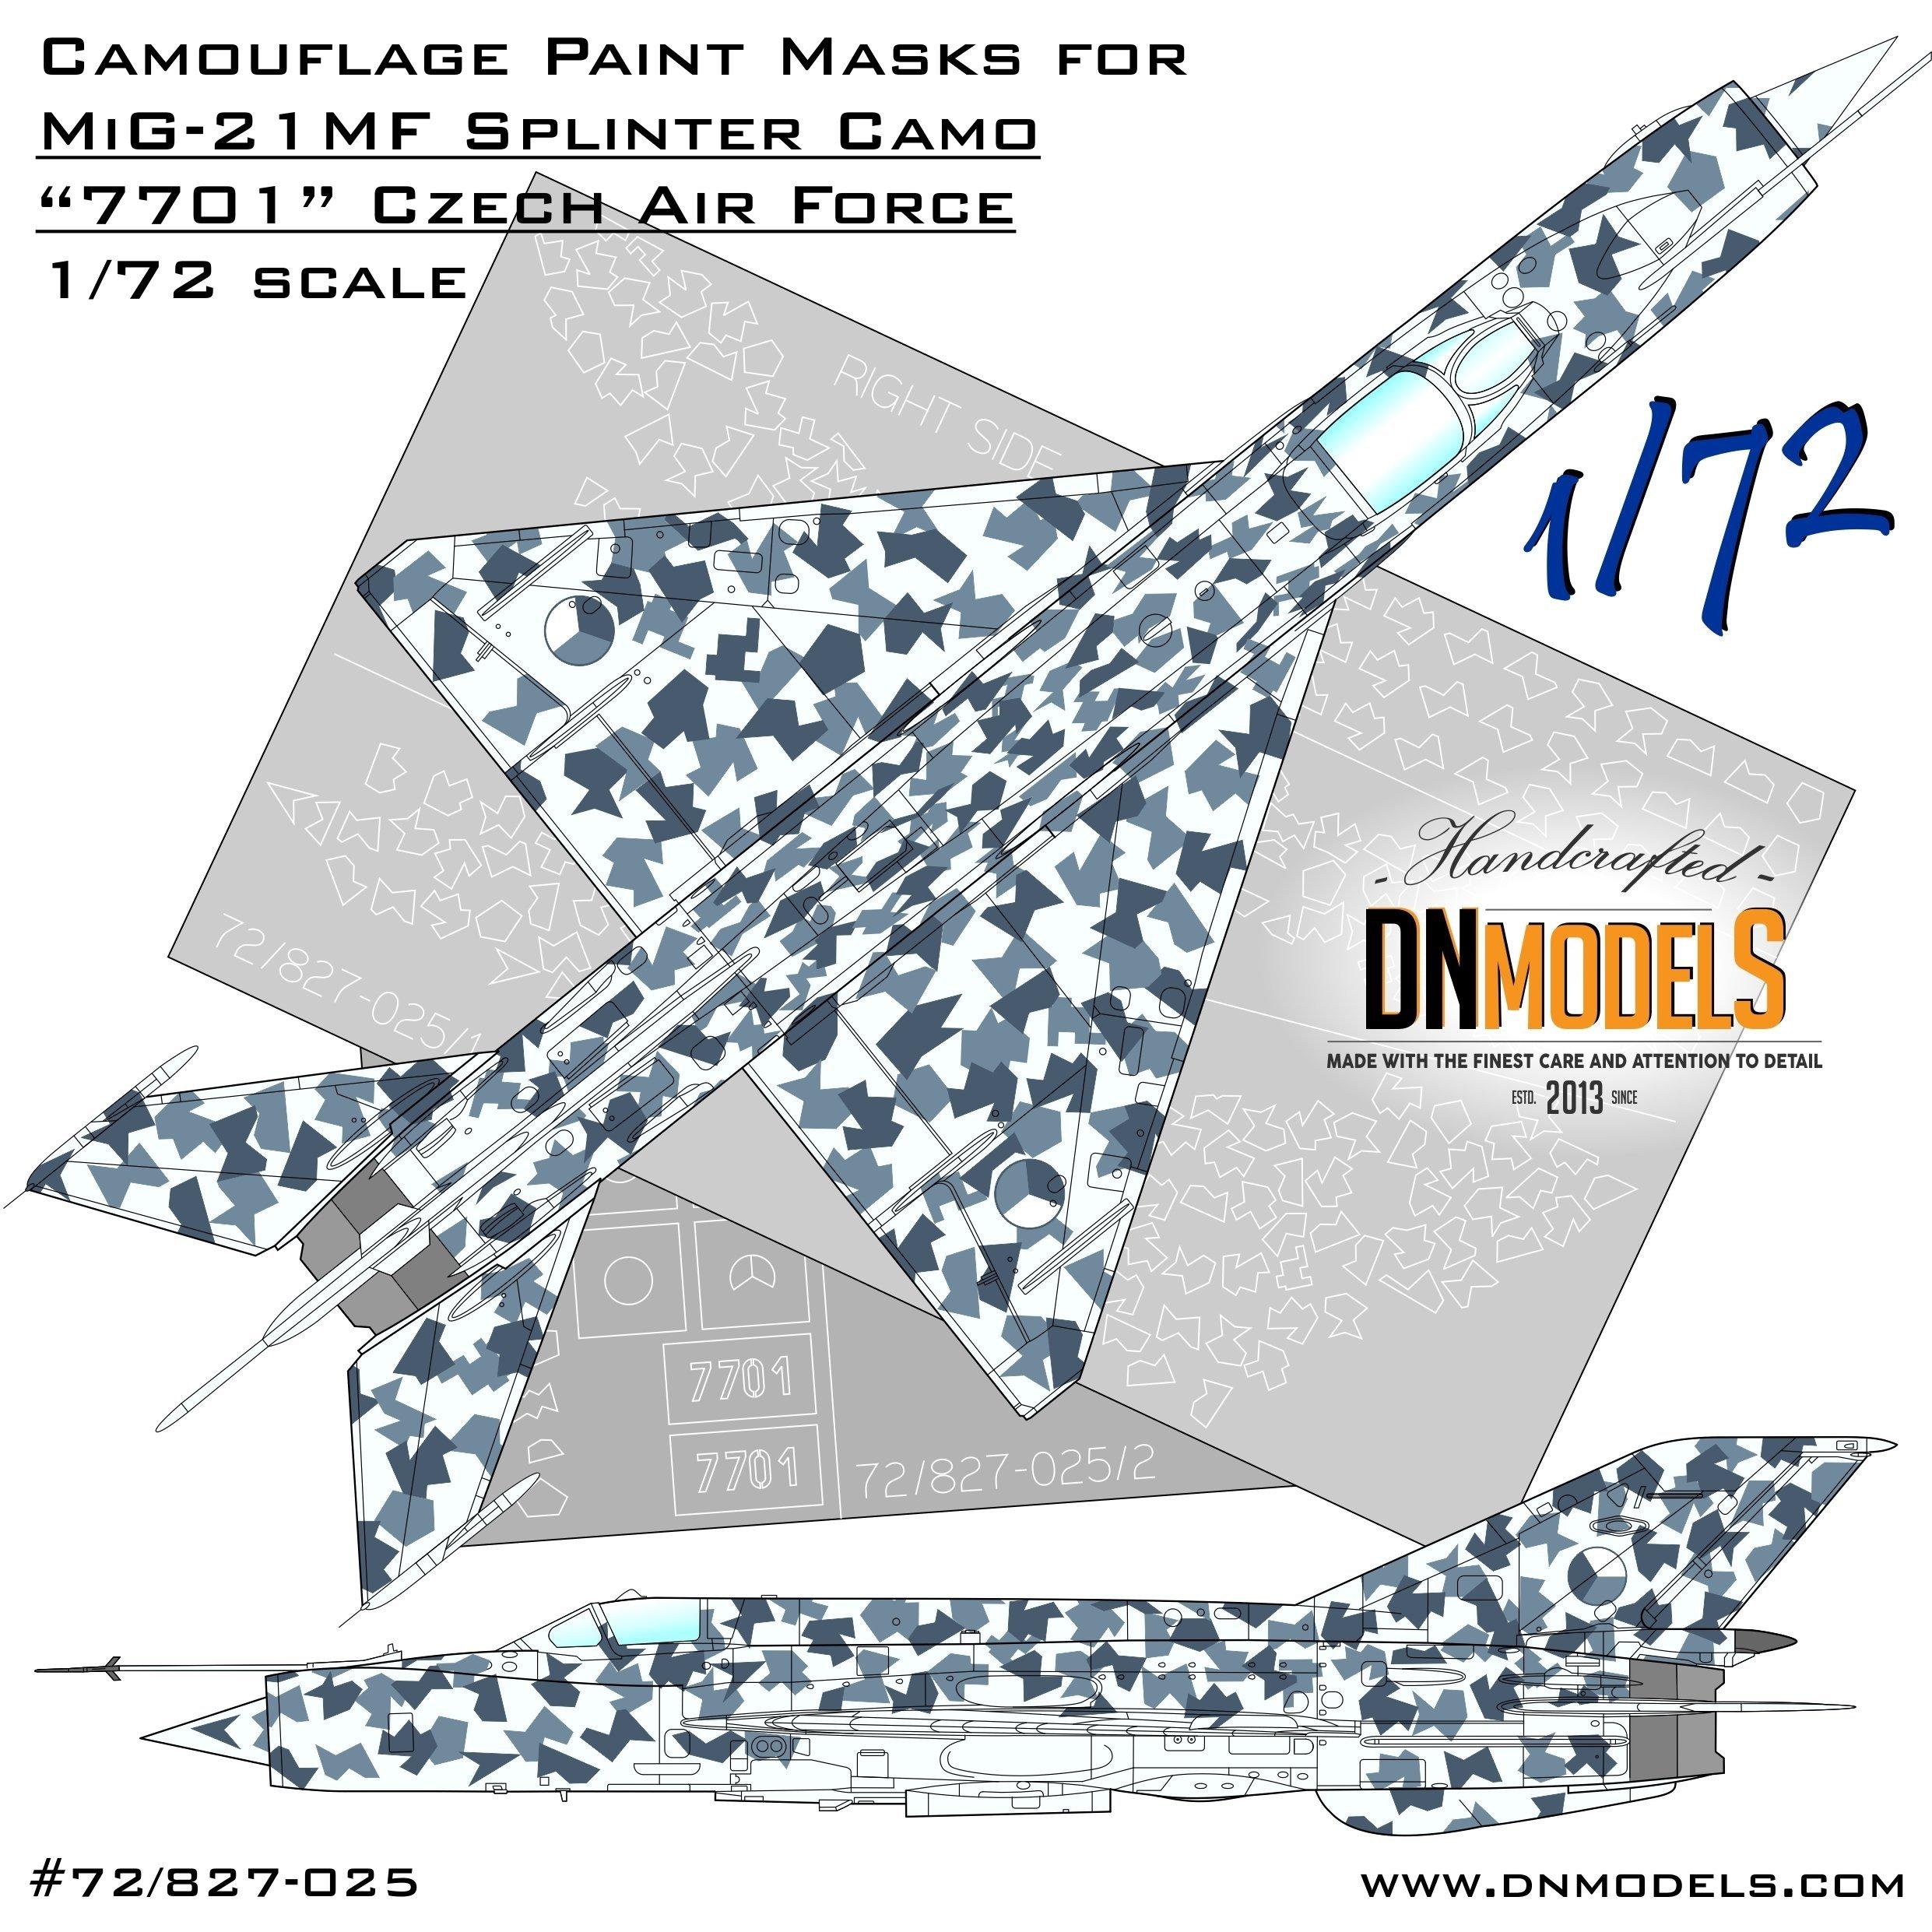 Czech Splinter camouflage paint masks for Czech Air Force MiG-21MF #7701 1:72 1/72